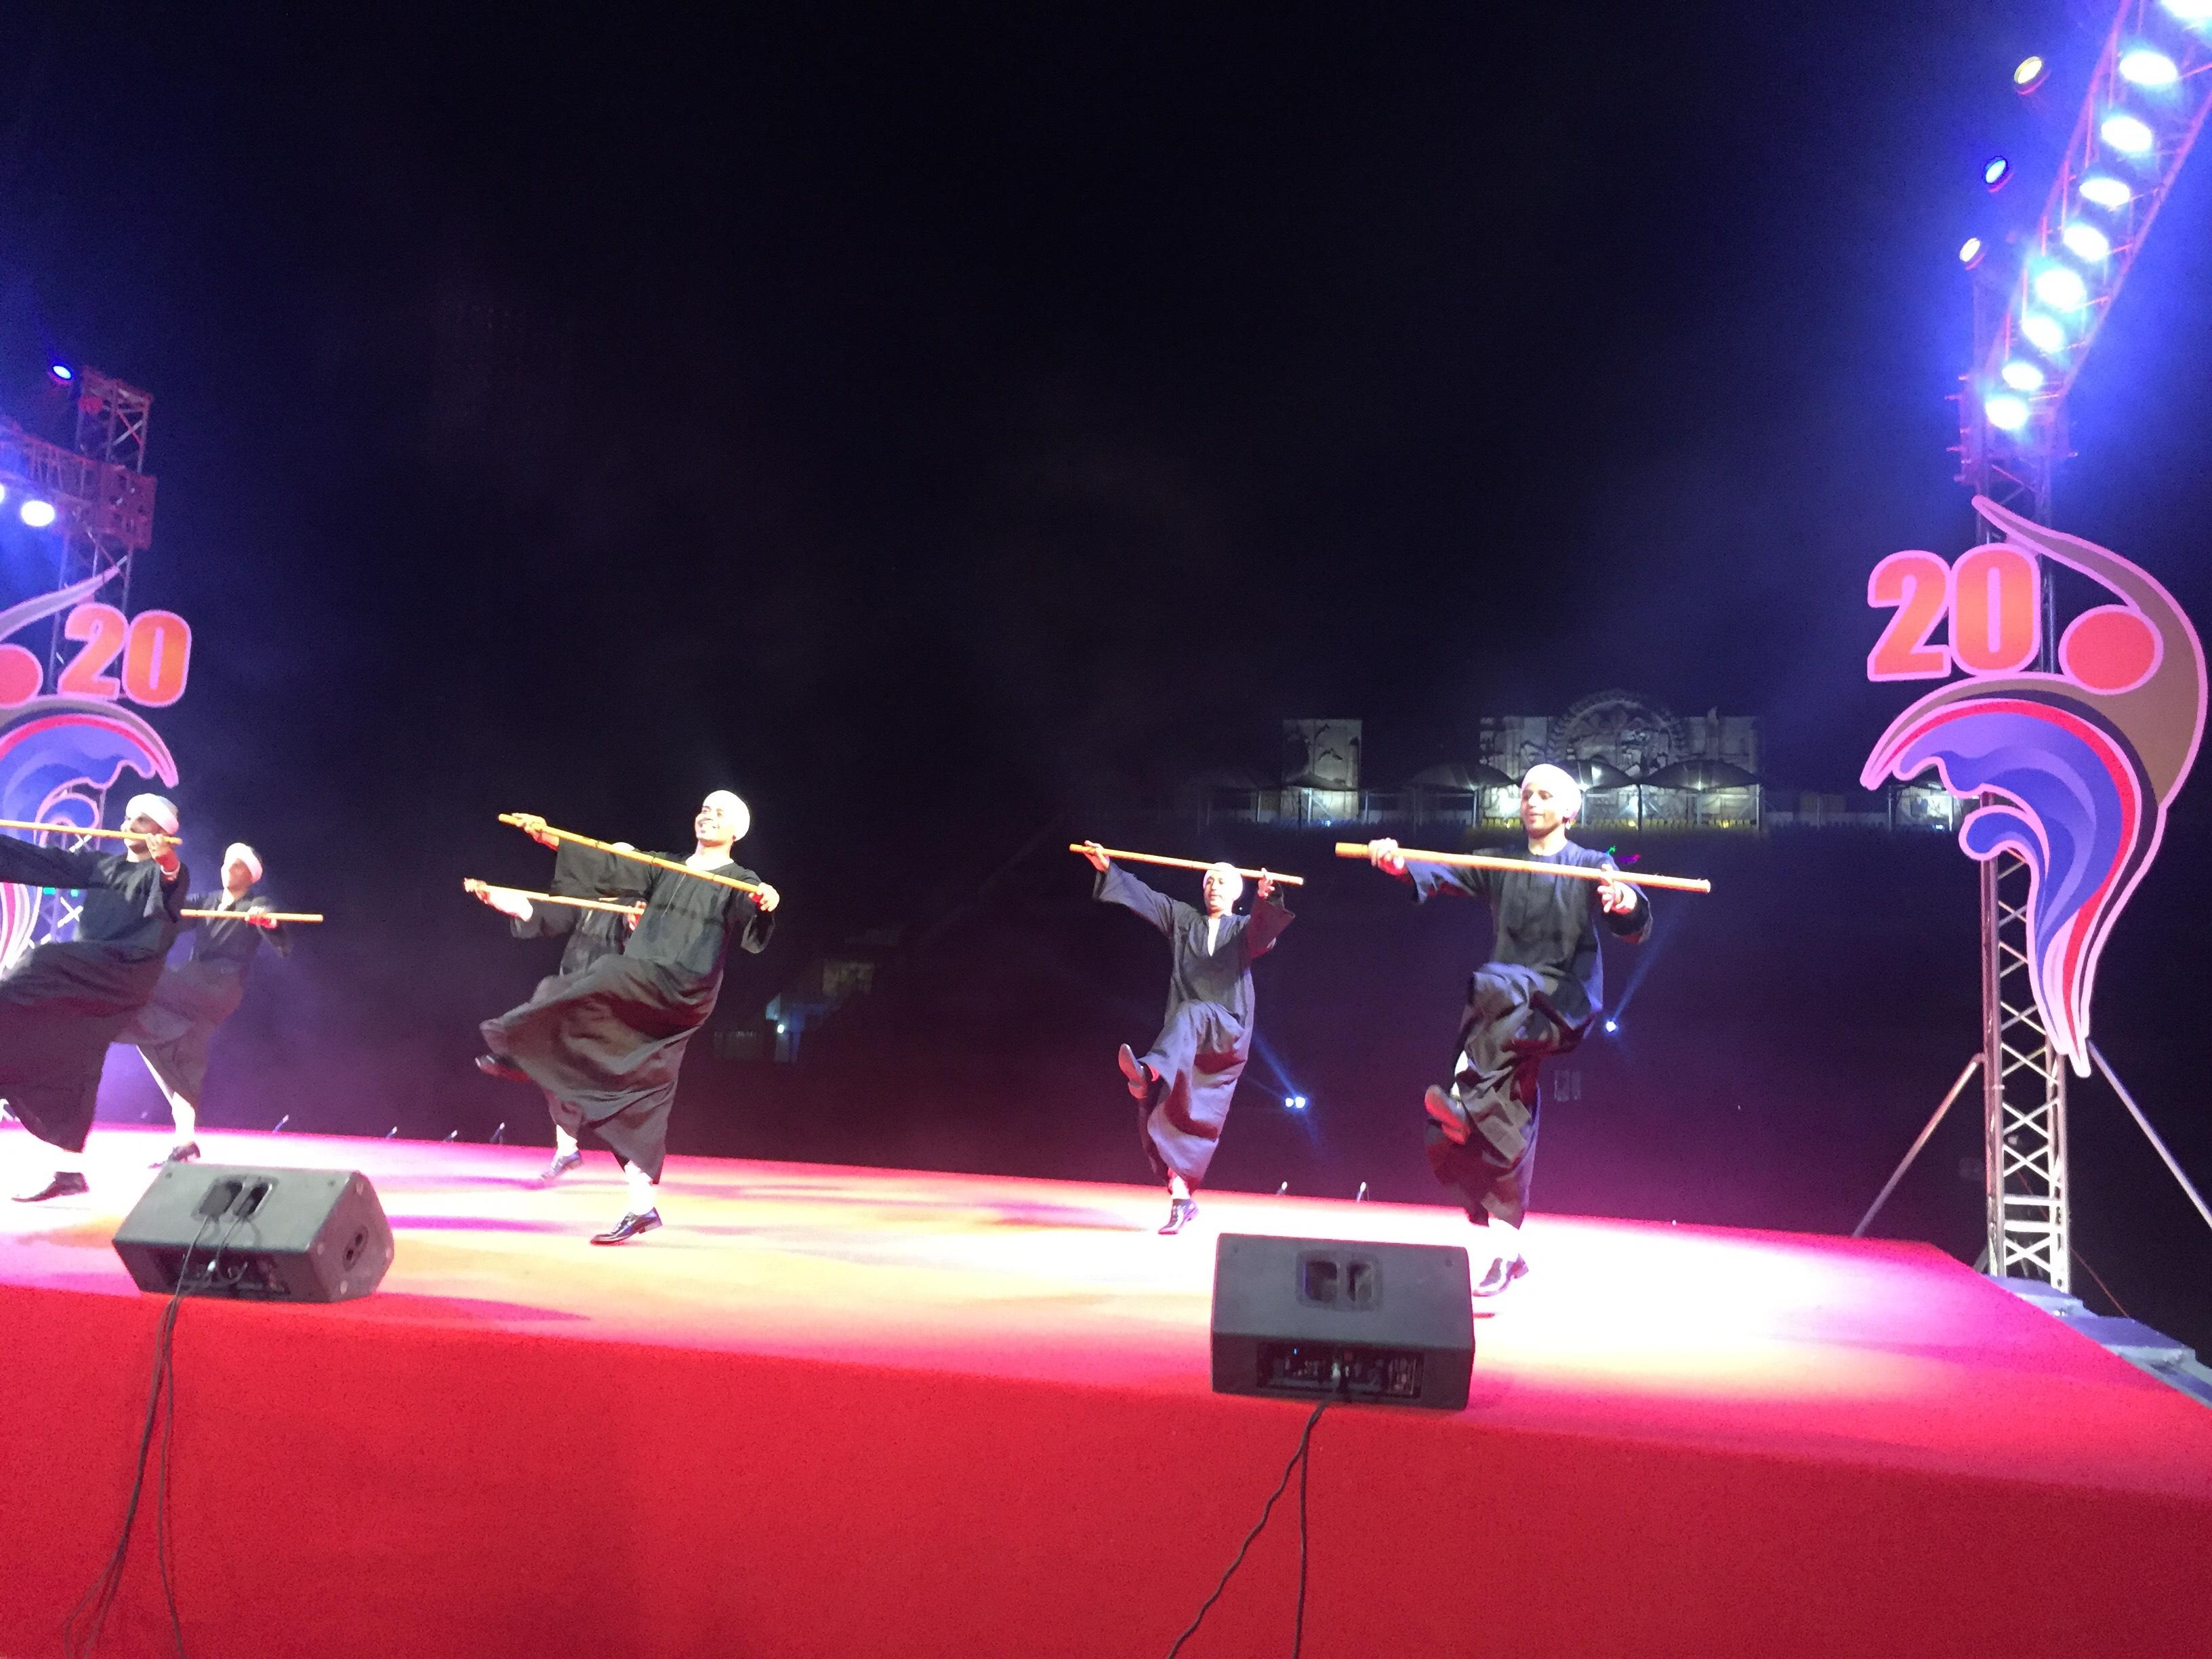 مهرجان الإسماعيلية الدولى العشرين للفنون الشعبية (1)